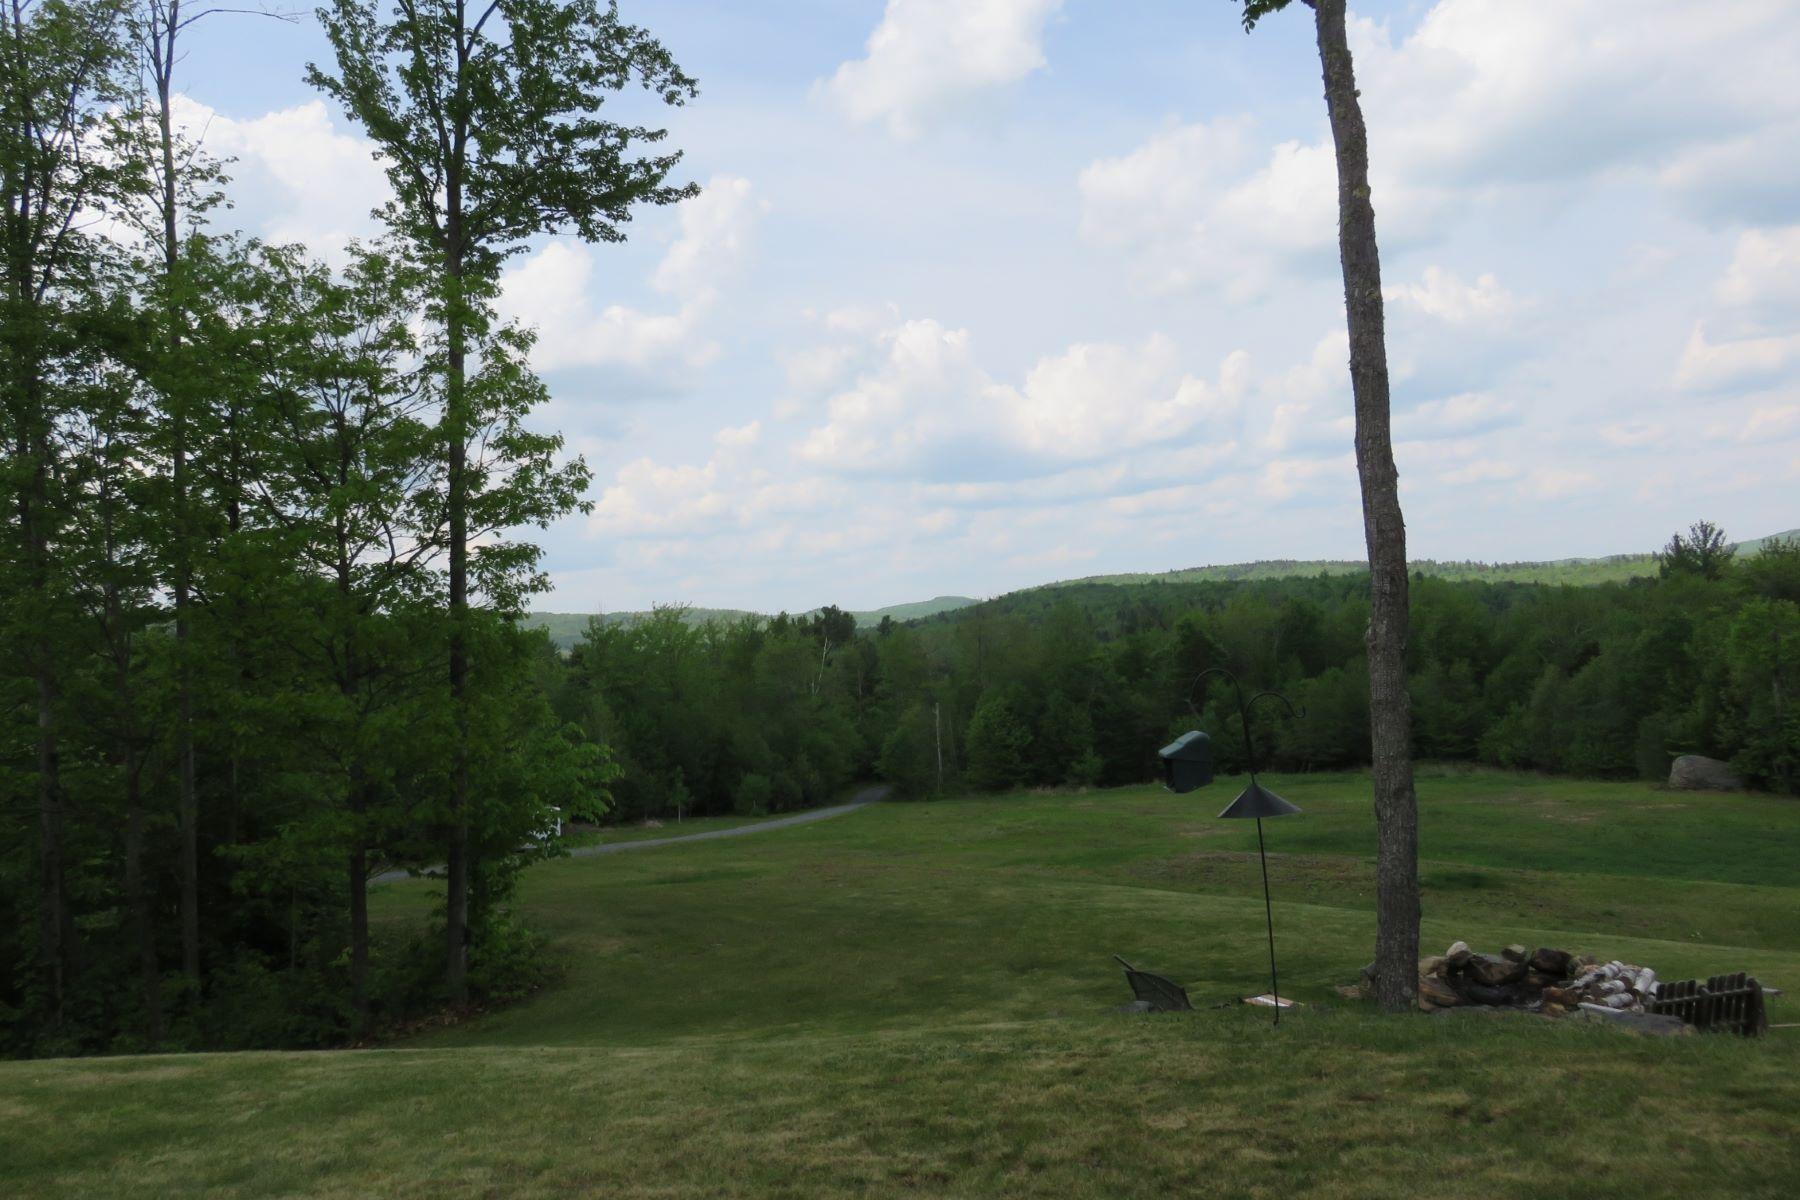 土地 为 销售 在 224 acres, views, privacy 703 Miller Pond Rd 格兰瑟姆, 新罕布什尔州, 03753 美国